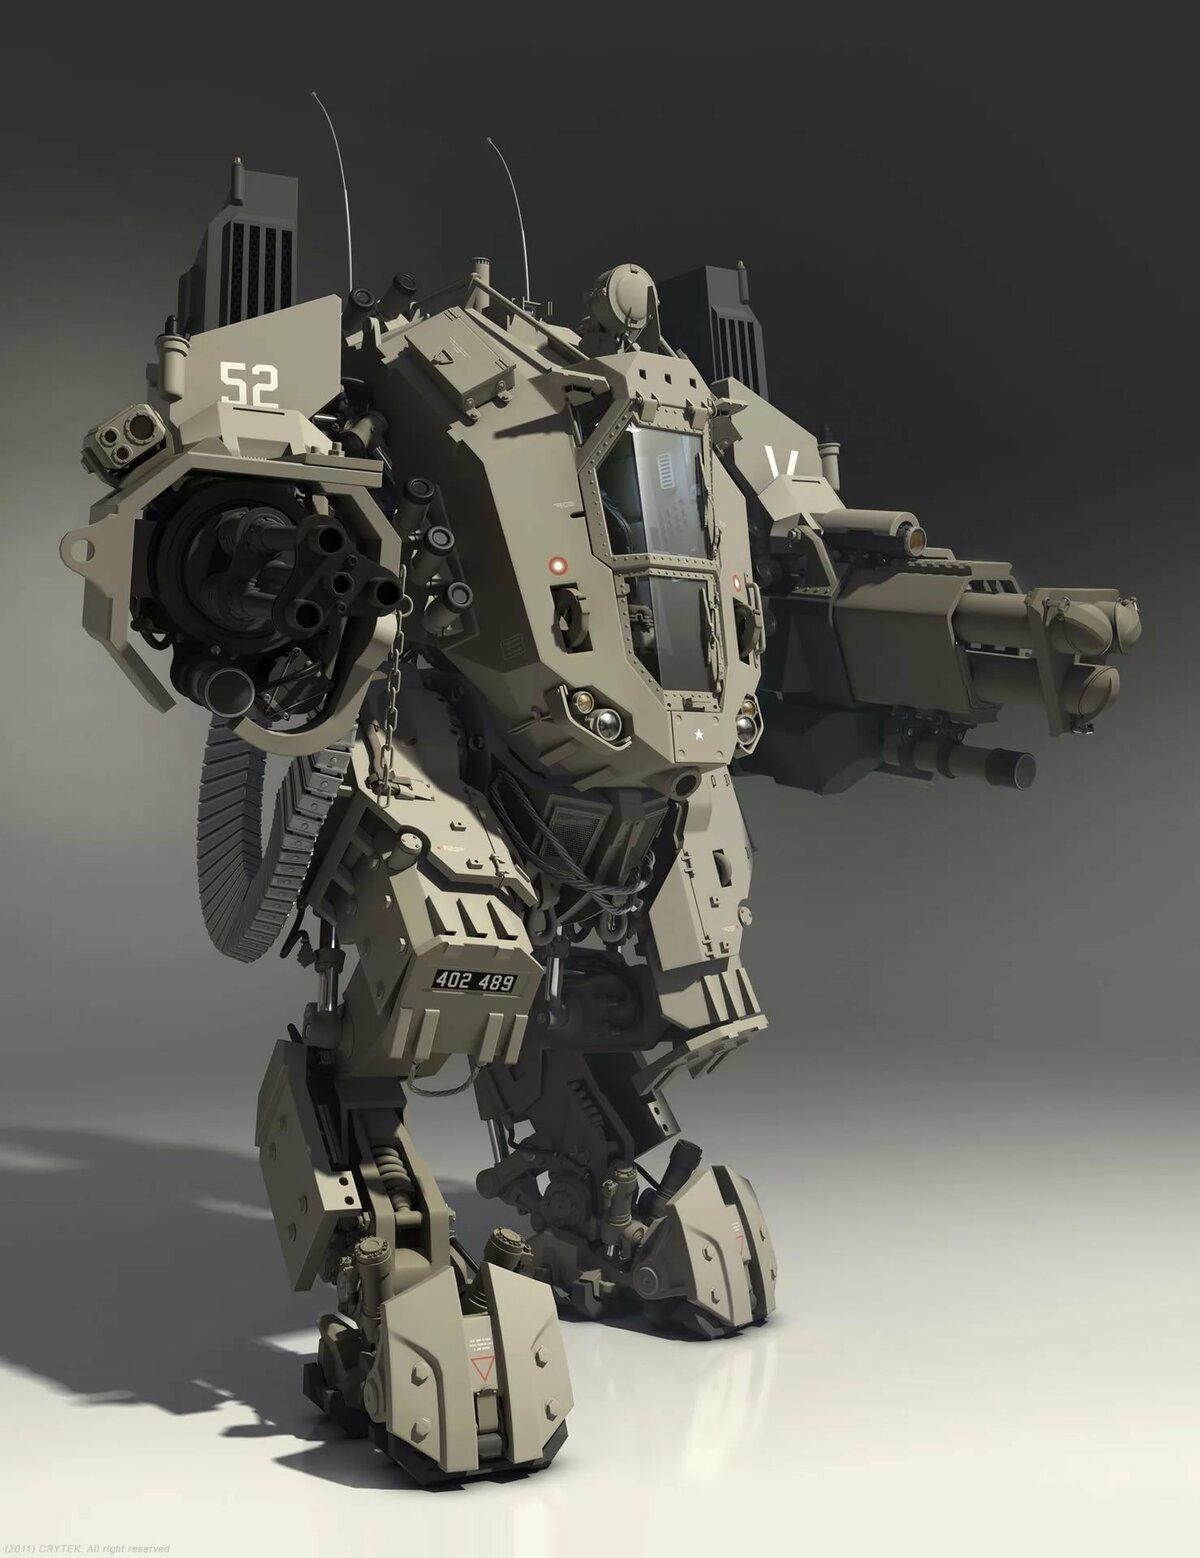 что картинка боевого робота английском, можете включить